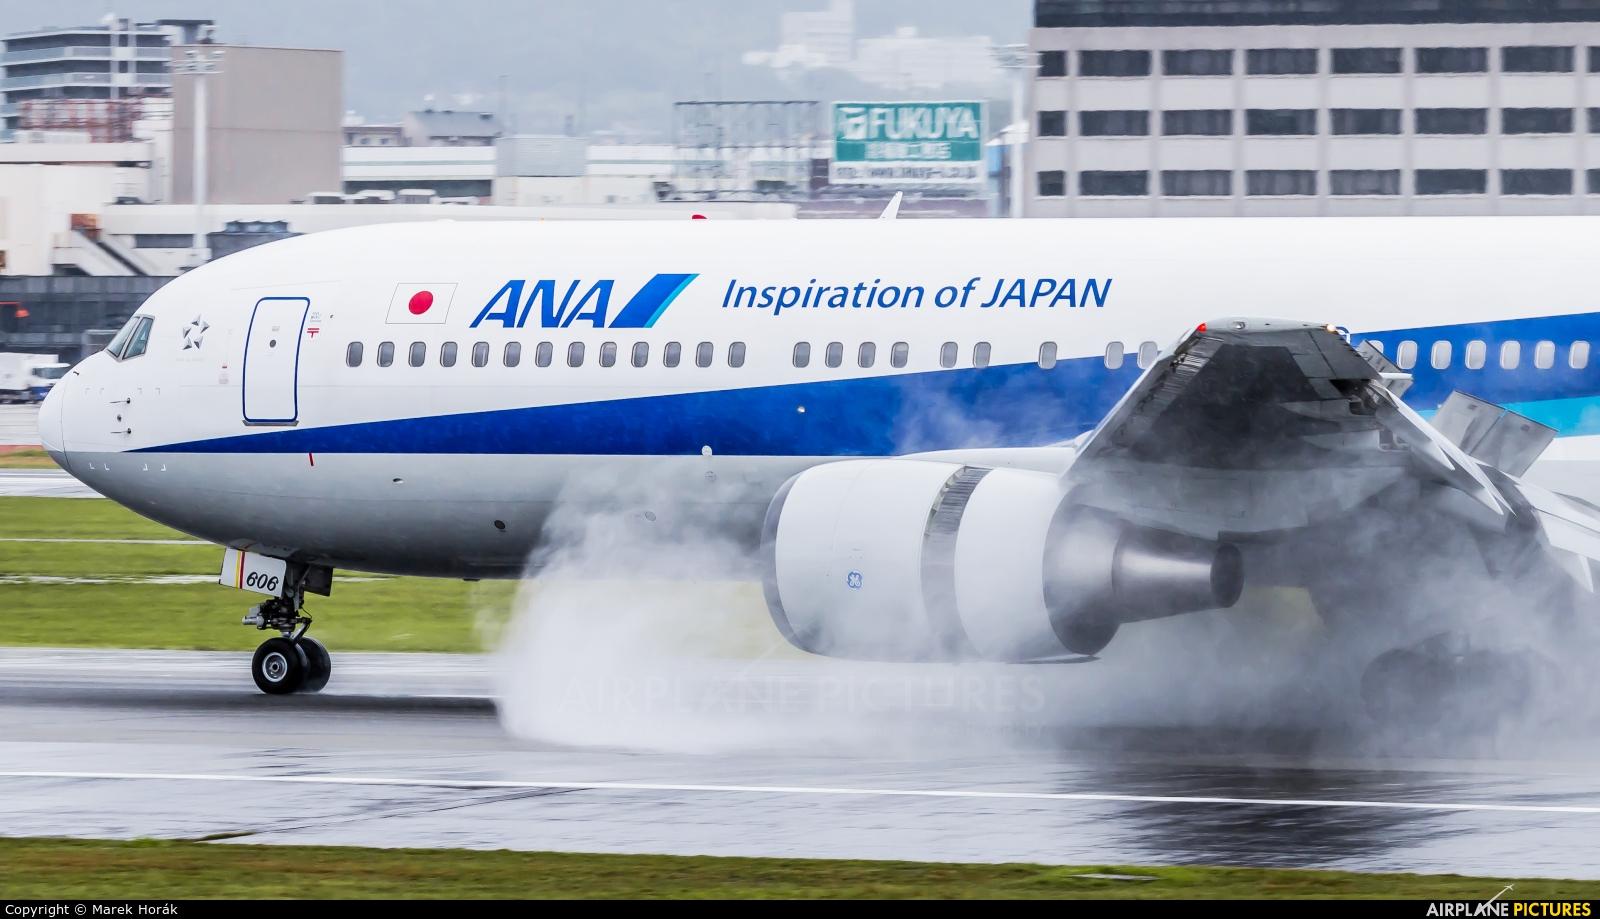 ANA - All Nippon Airways JA606A aircraft at Osaka - Itami Intl